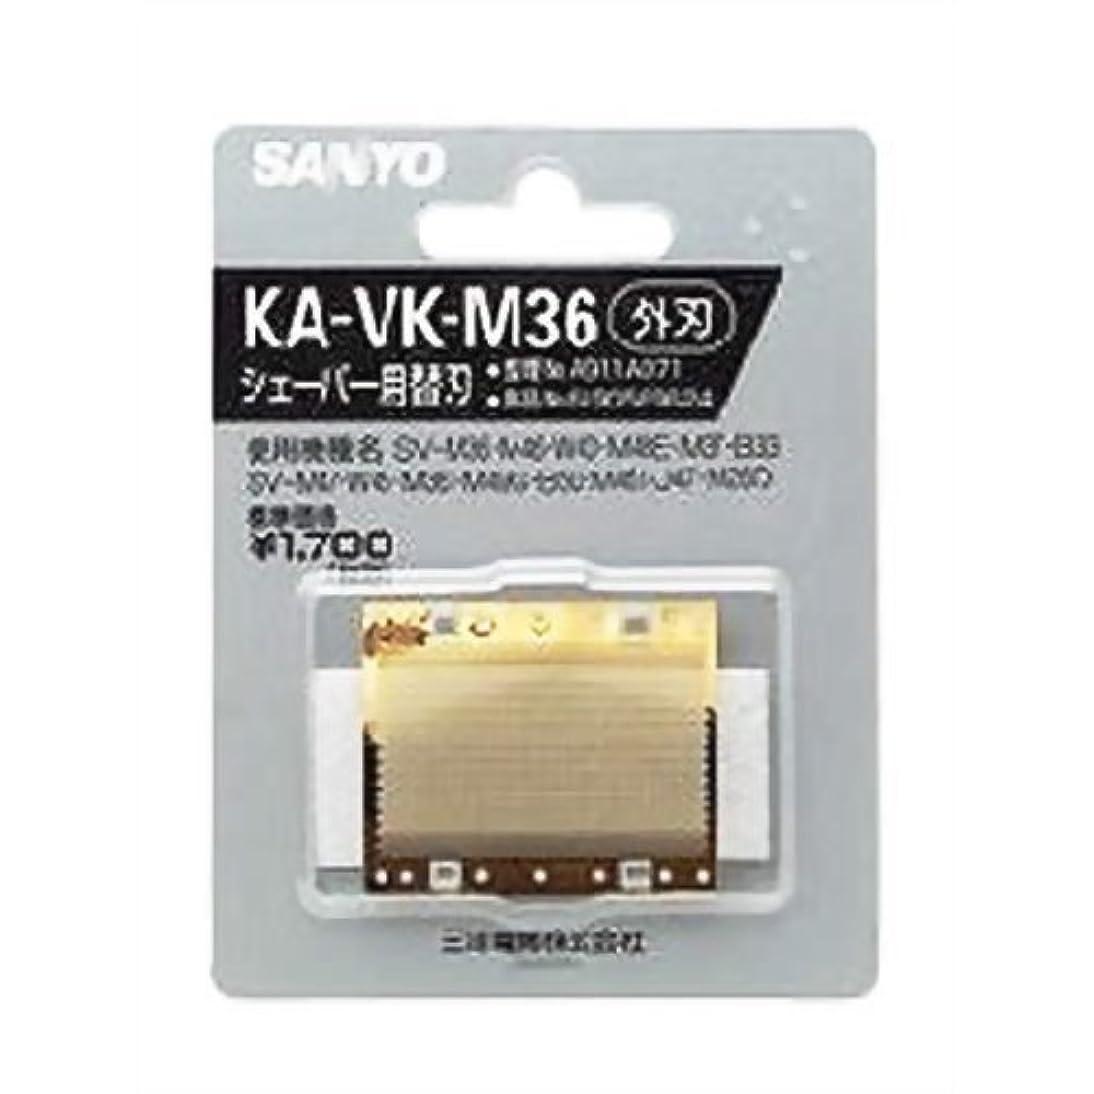 居心地の良い楽観的ロックサンヨー 交換用替刃(外刃)SANYO KA-VK-M36